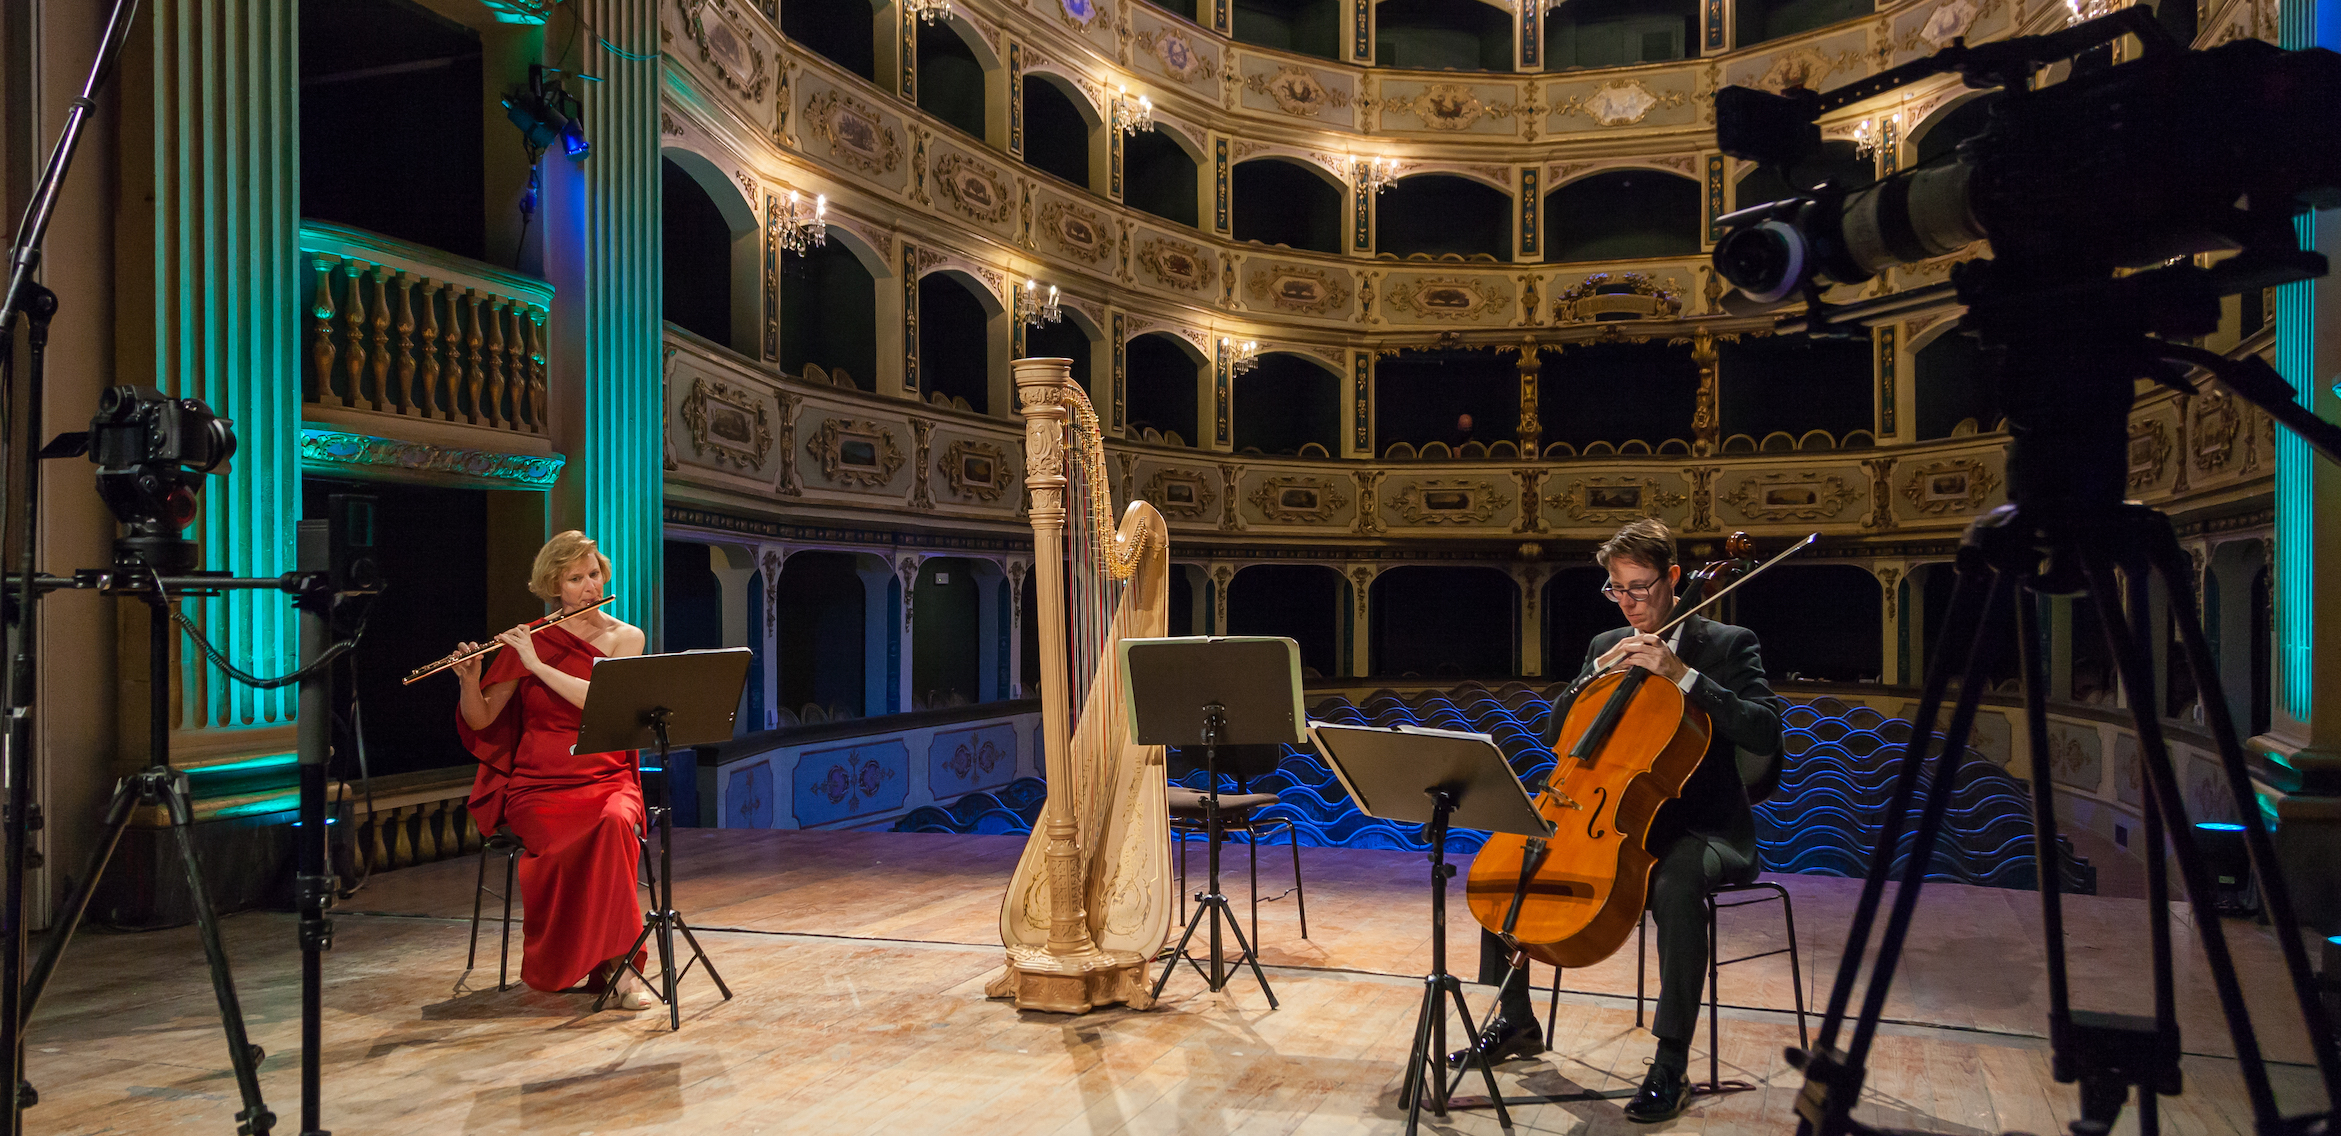 Impression Malta held at Teatru Manoel